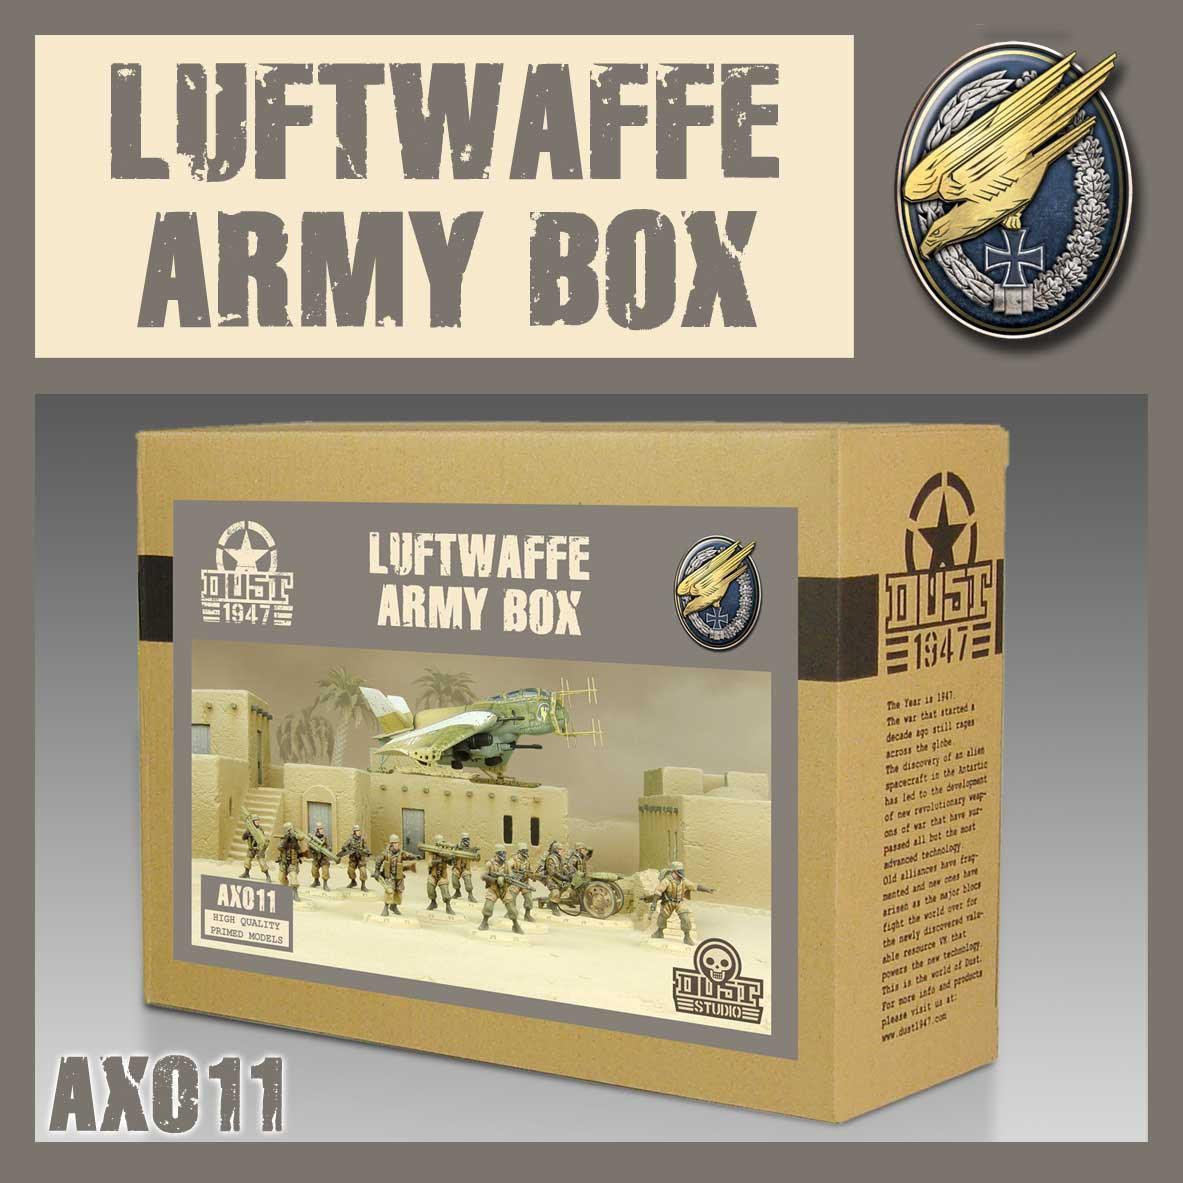 DUST 1947: Luftwaffe Army Box